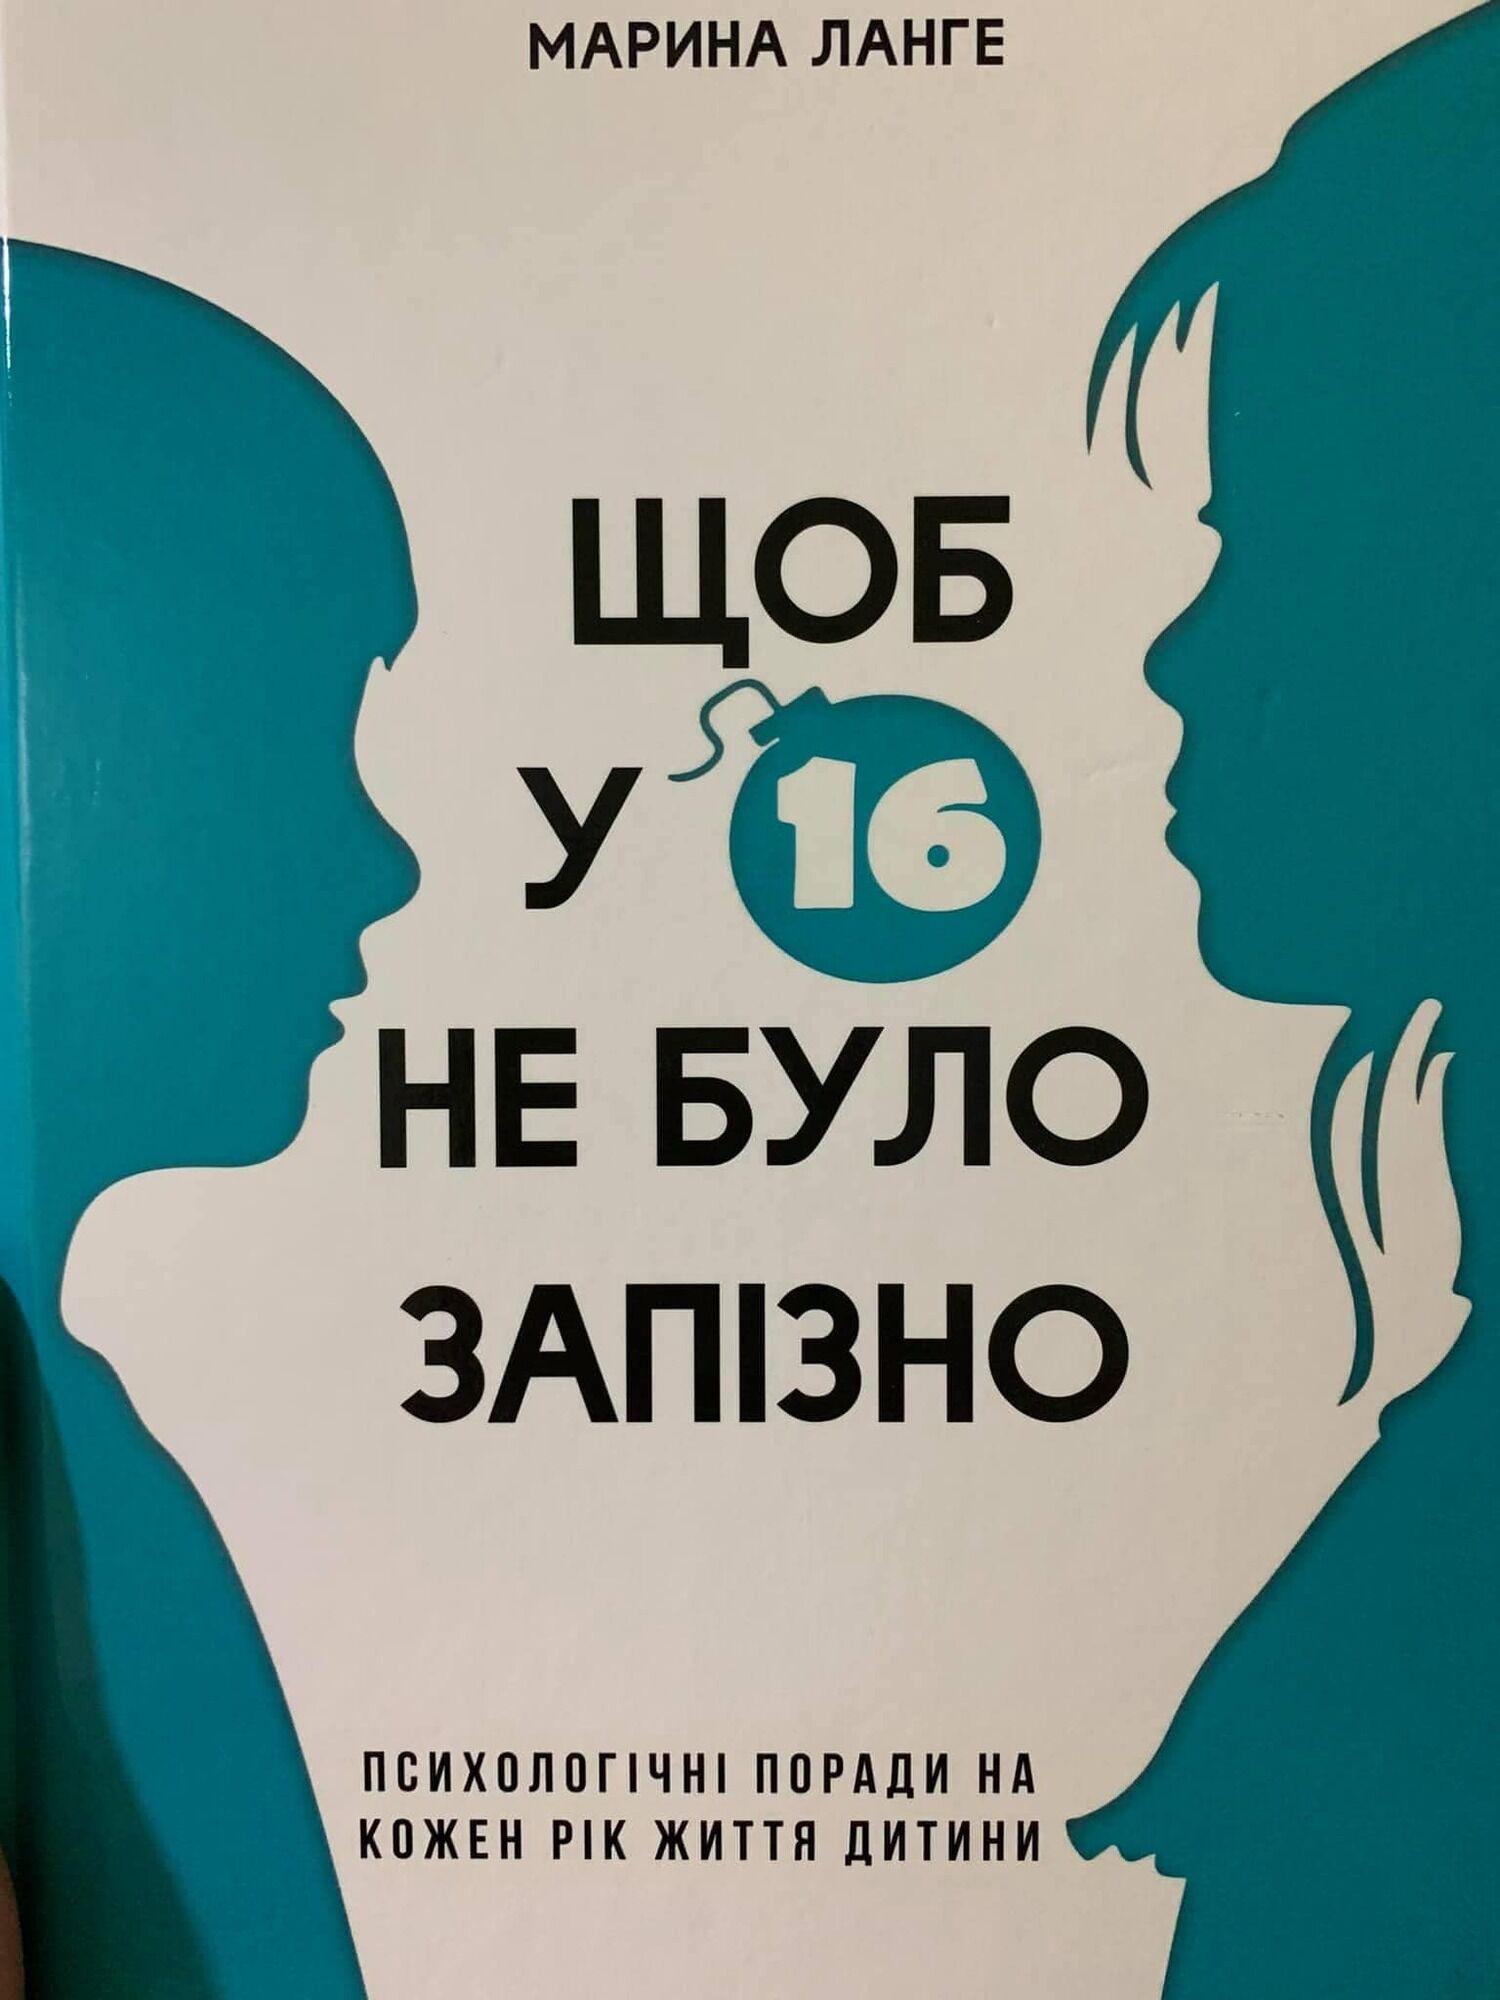 Обложка учебника.